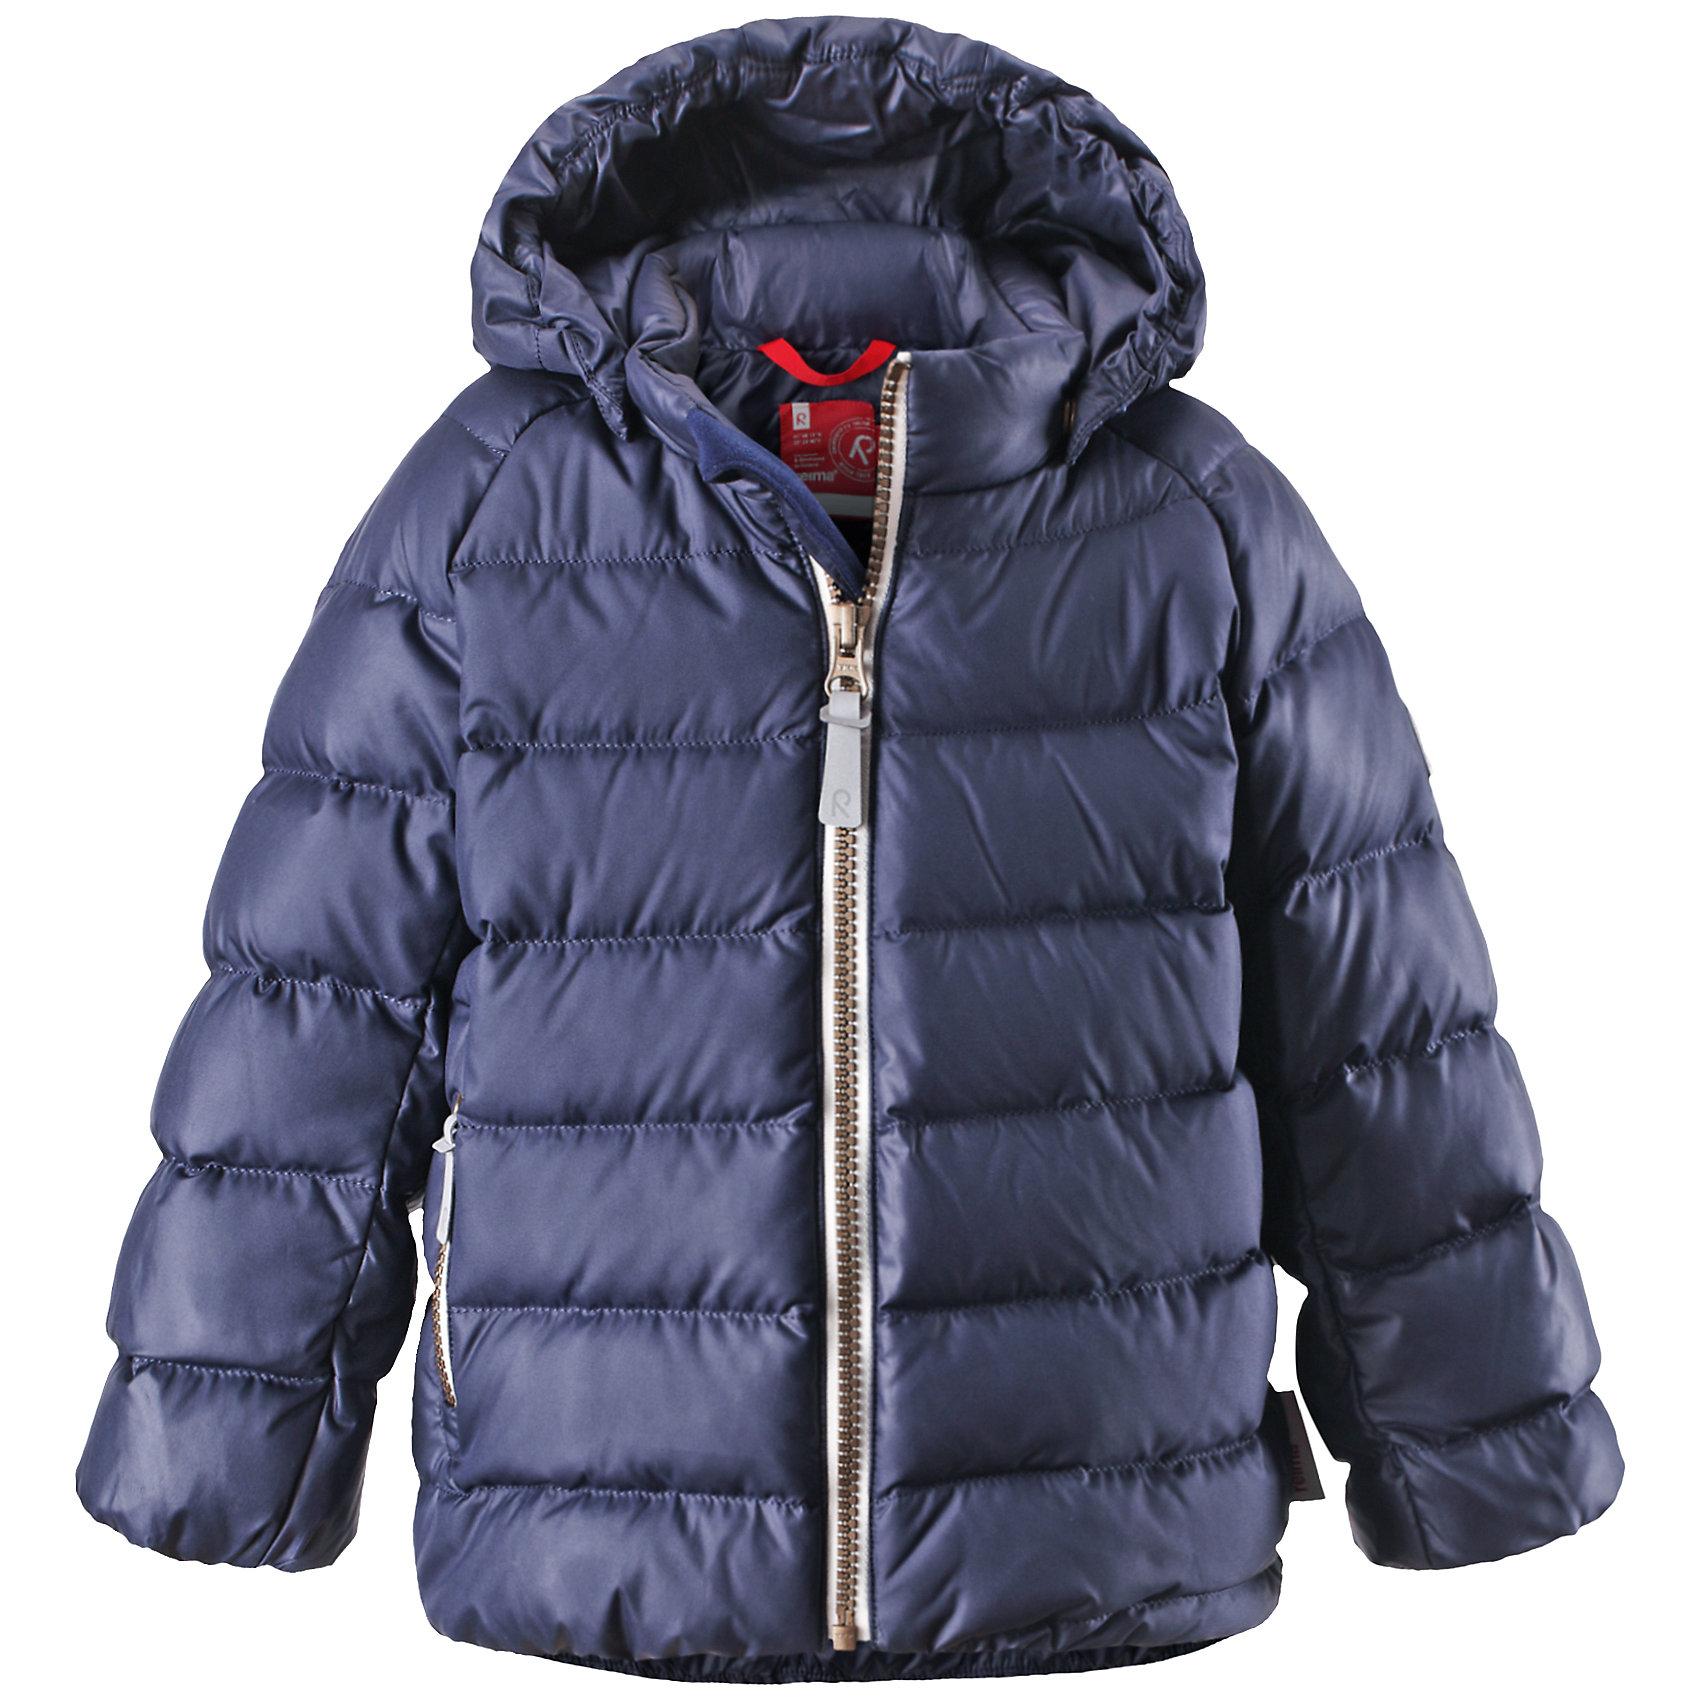 Куртка Minst ReimaКуртка  Reima<br>Пуховая куртка для малышей. Водоотталкивающий, ветронепроницаемый, «дышащий» и грязеотталкивающий материал. Гладкая подкладка из полиэстра. В качестве утеплителя использованы пух и перо (60%/40%). Безопасный, съемный капюшон. Эластичные подол и манжеты. Карман на молнии. Безопасные светоотражающие элементы.<br>Уход:<br>Стирать по отдельности, вывернув наизнанку. Застегнуть молнии и липучки. Стирать моющим средством, не содержащим отбеливающие вещества. Полоскать без специального средства. Во избежание изменения цвета изделие необходимо вынуть из стиральной машинки незамедлительно после окончания программы стирки. Барабанное сушение при низкой температуре с 3 теннисными мячиками. Выверните изделие наизнанку в середине сушки.<br>Состав:<br>100% Полиэстер<br><br>Ширина мм: 356<br>Глубина мм: 10<br>Высота мм: 245<br>Вес г: 519<br>Цвет: синий<br>Возраст от месяцев: 6<br>Возраст до месяцев: 9<br>Пол: Мужской<br>Возраст: Детский<br>Размер: 74,92,86,98,80<br>SKU: 4776066